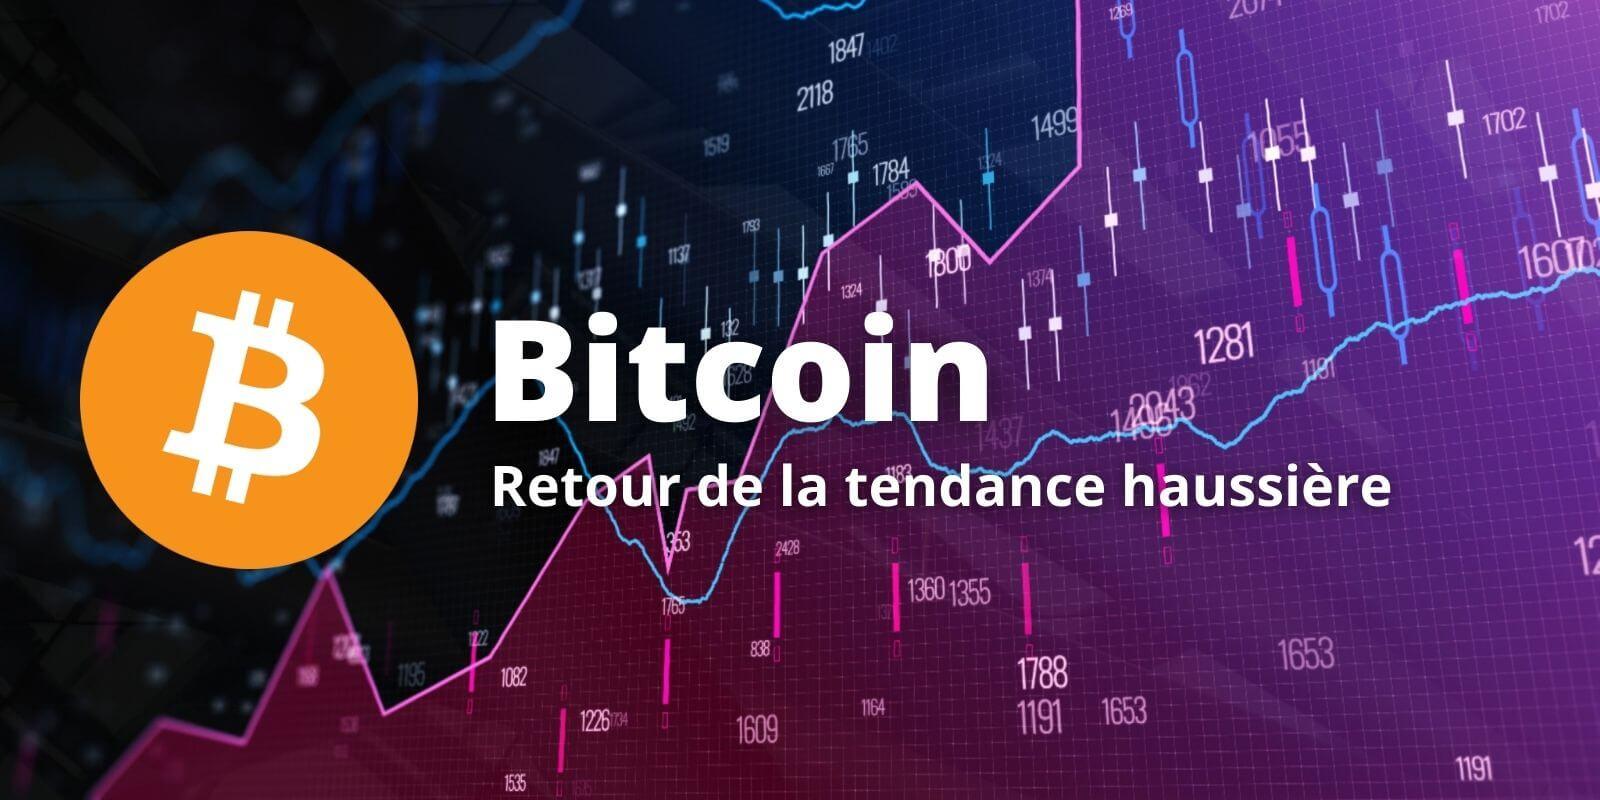 Le Bitcoin (BTC) sort de sa consolidation et retrouve une tendance haussière